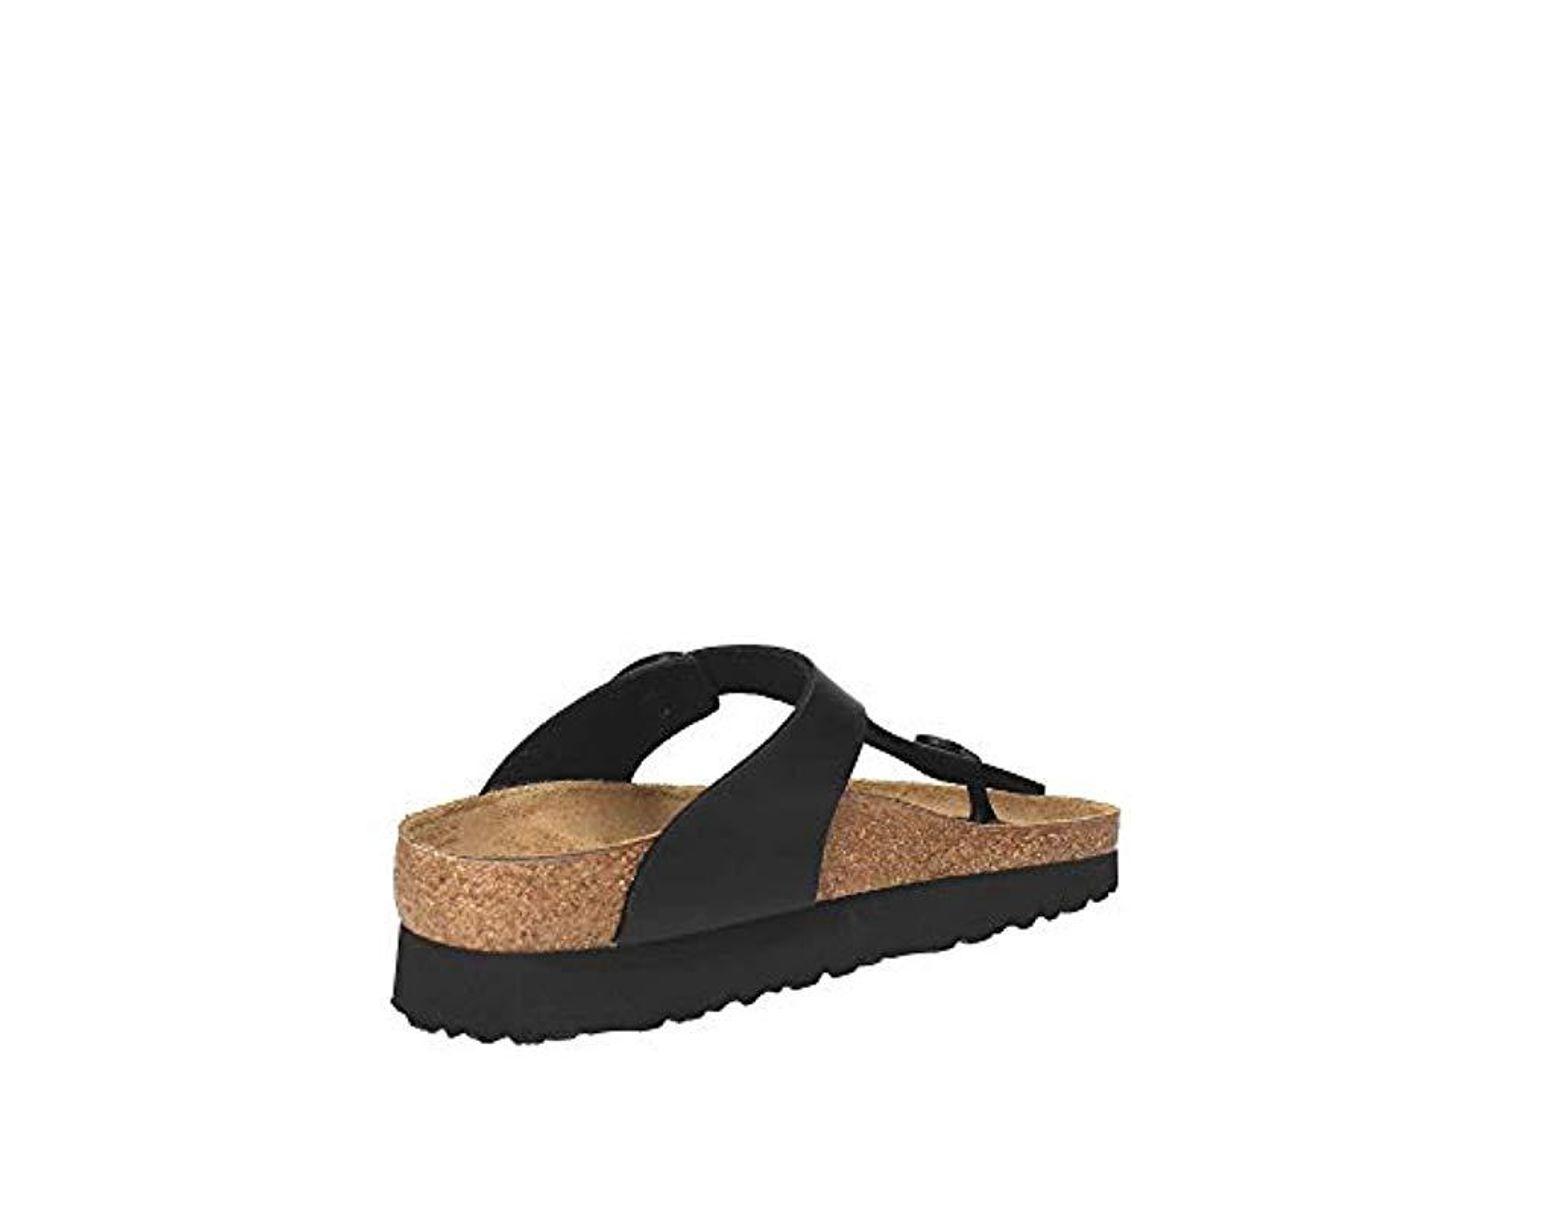 Bf Birkenstock In W Lyst Black Sandals Gizeh Thong yN8n0vmwO